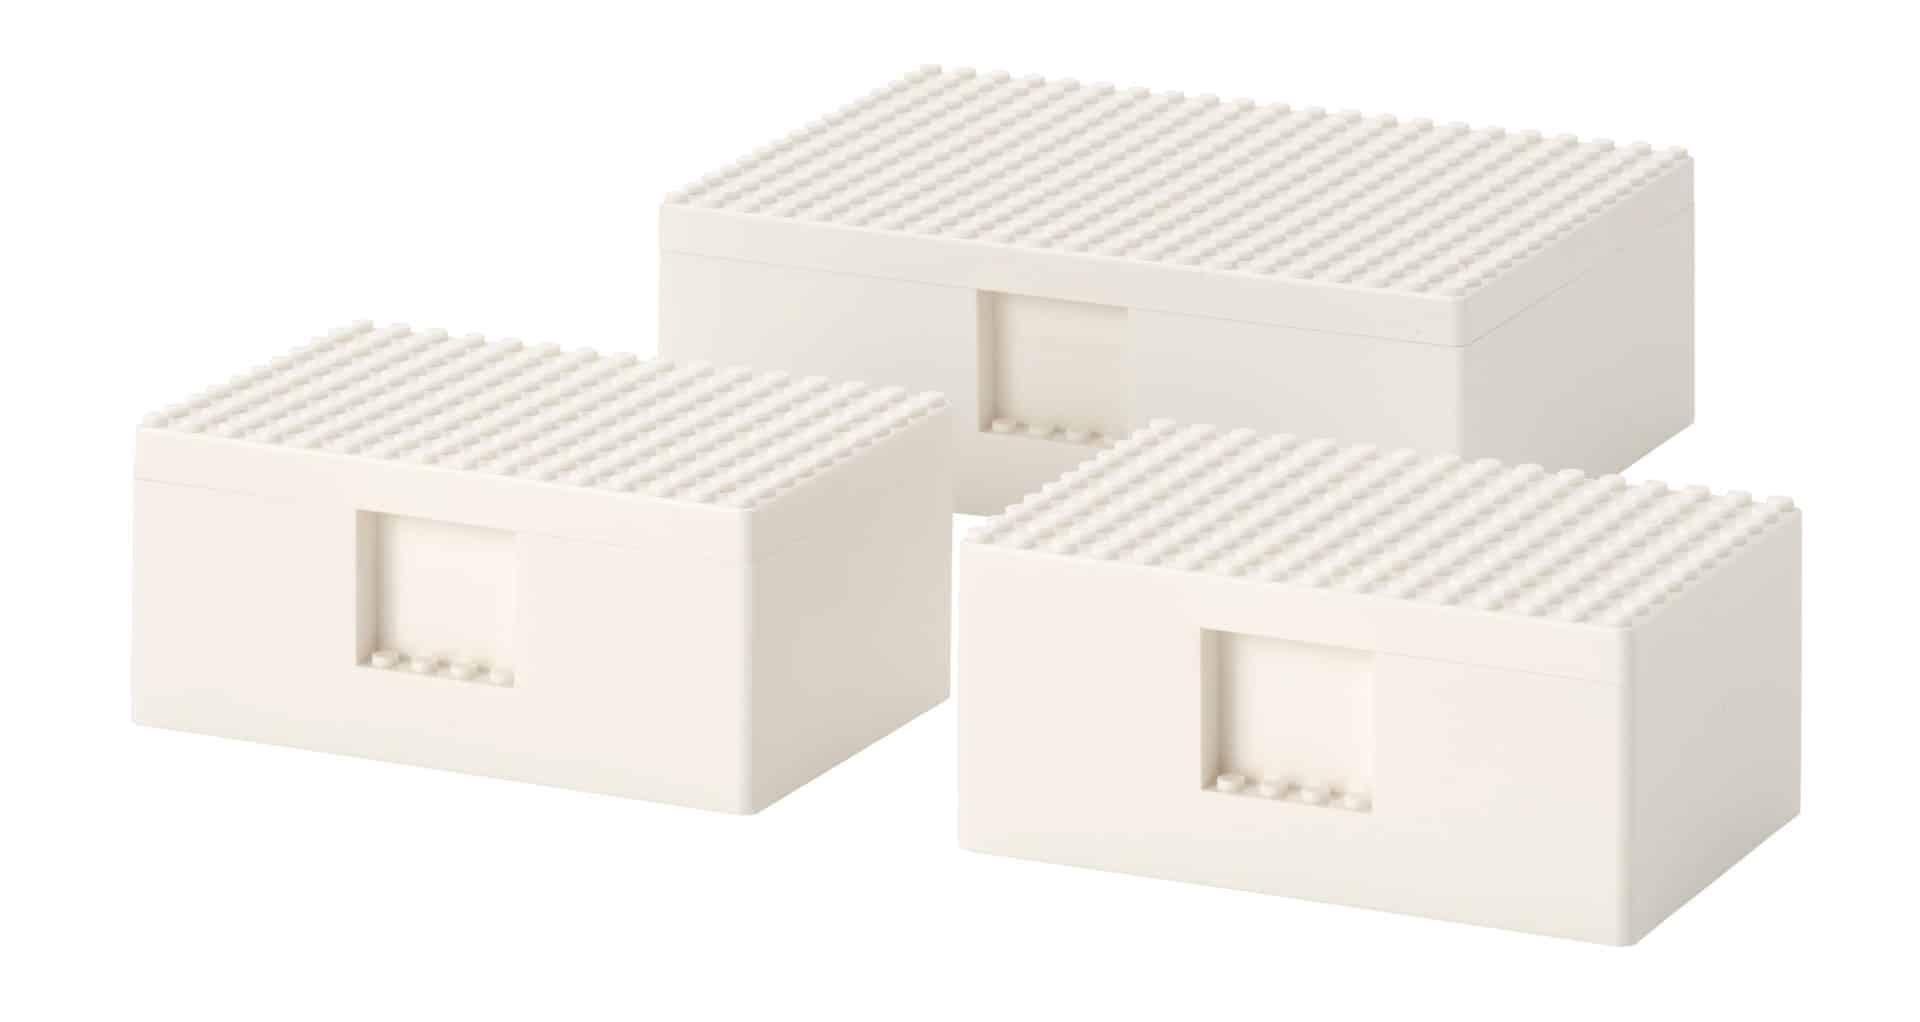 LEGO x IKEA - BYGGLEK